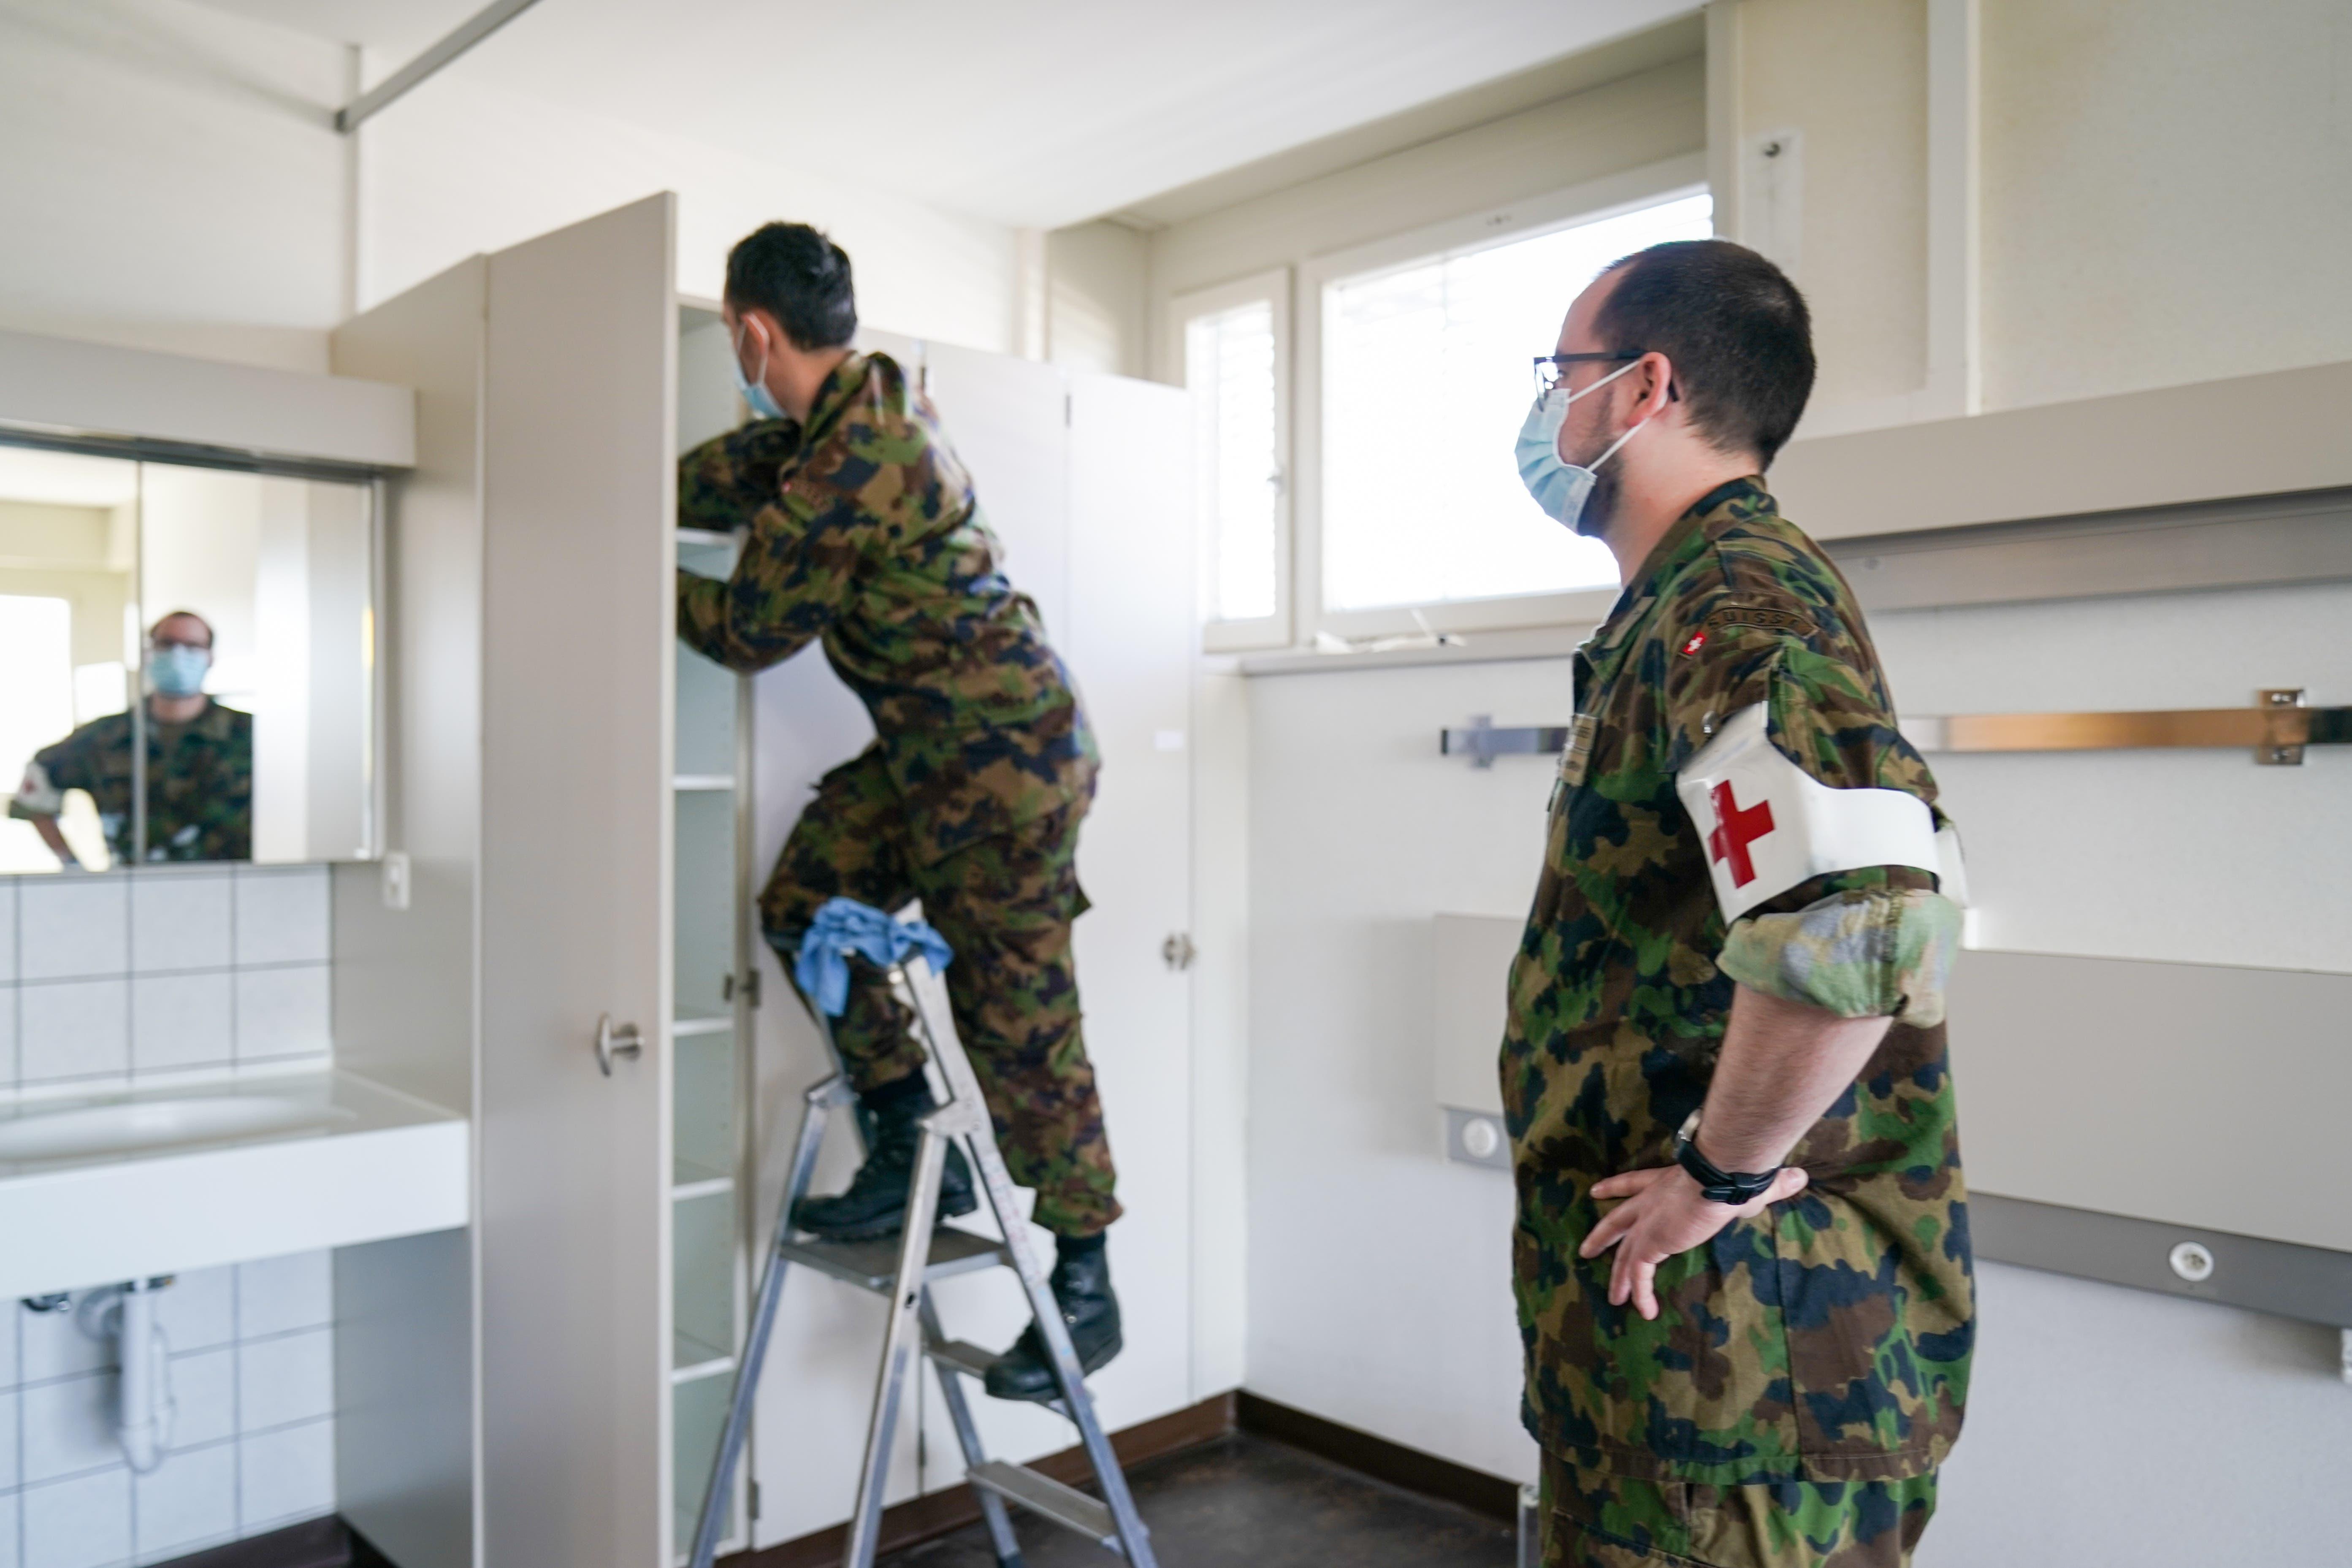 ... Soldaten des Spitalbataillons 75 im Einsatz. Sie bereiten...